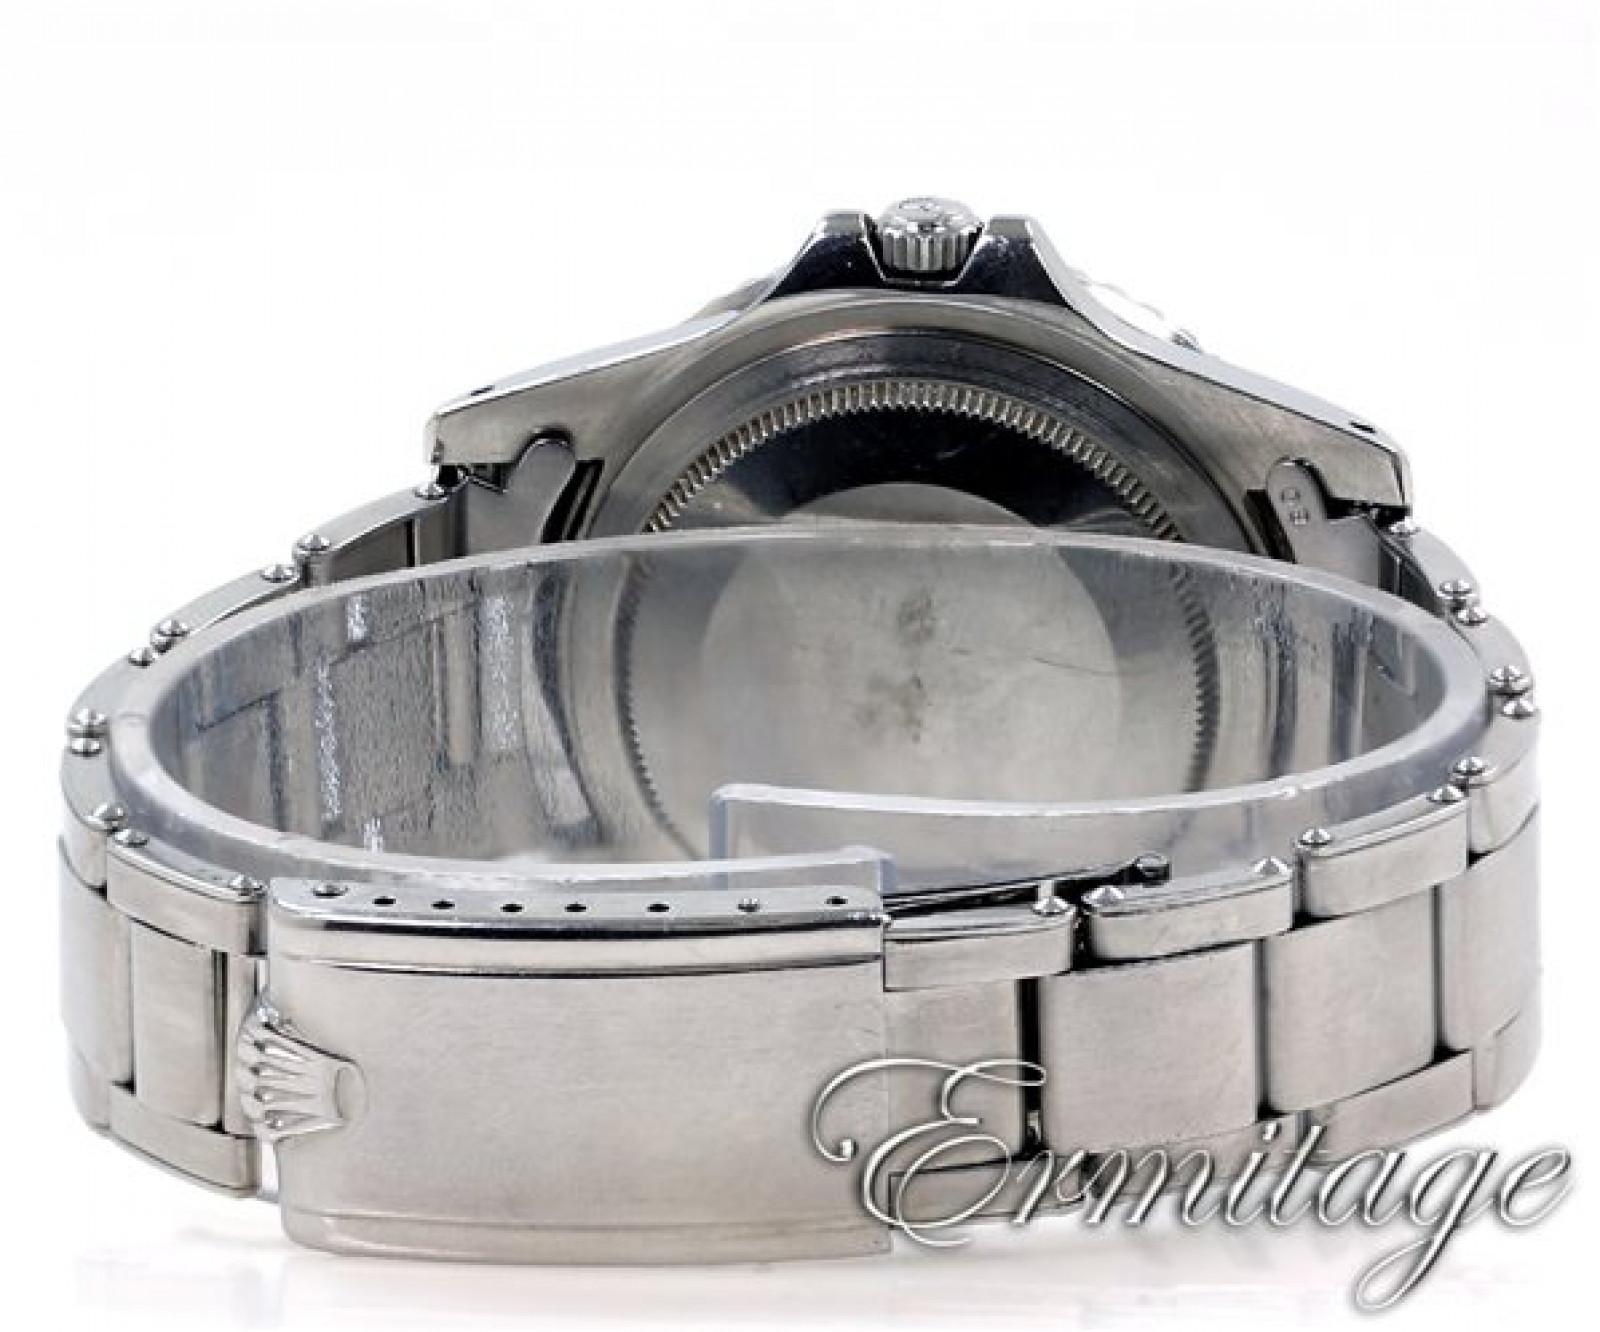 Vintage Rolex GMT-Master 1675 Year 1968